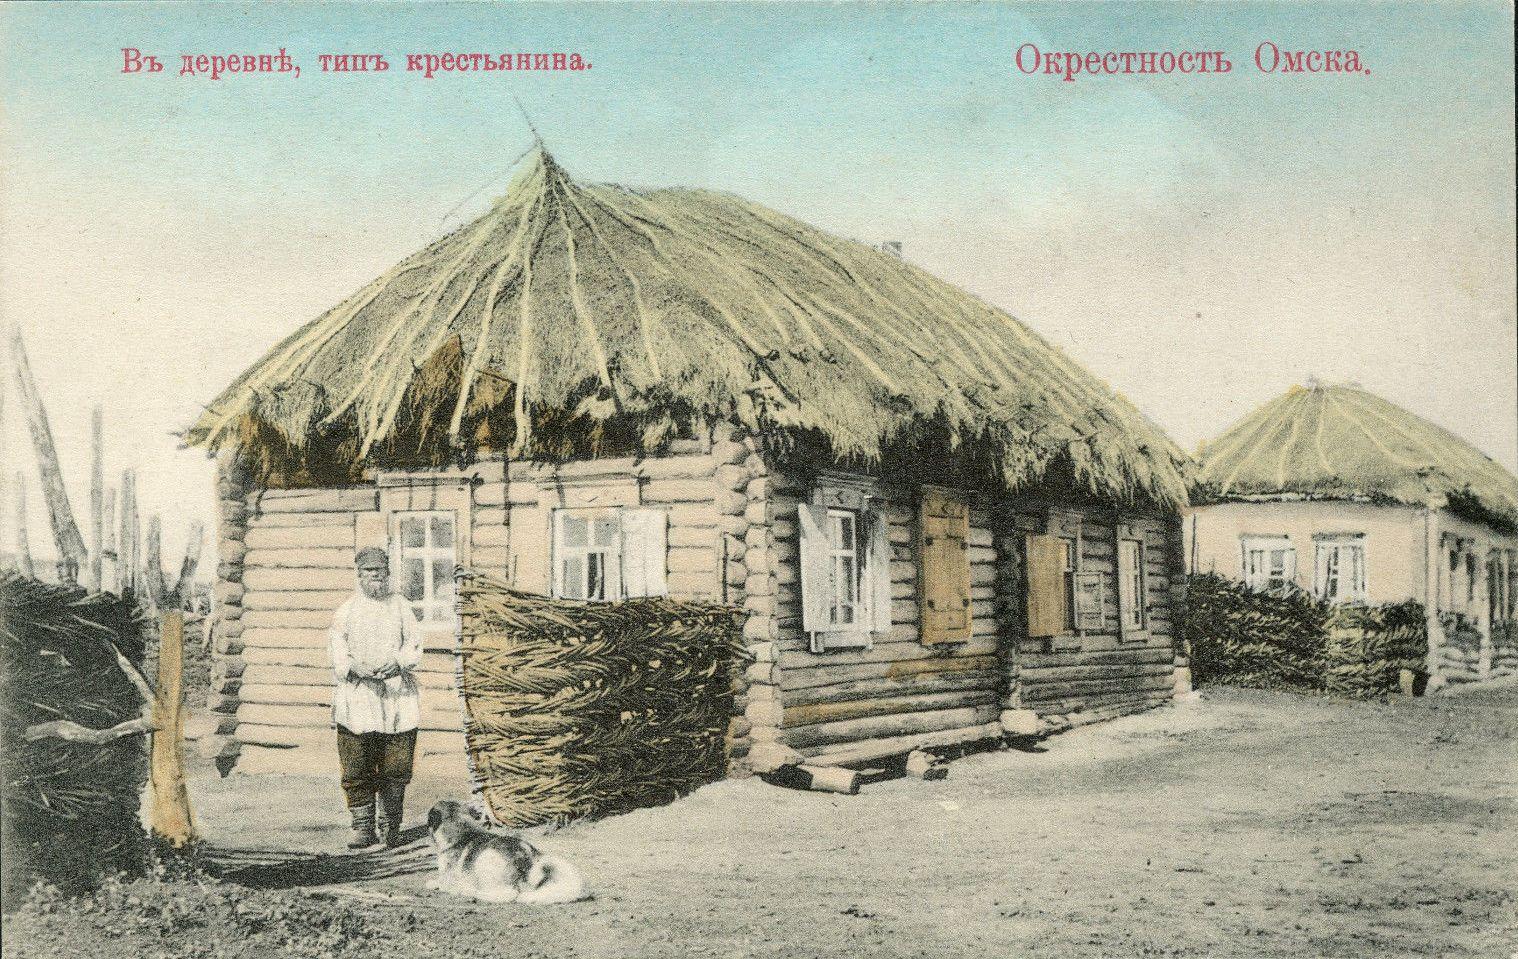 Окрестности Омска. В деревне тип крестьянина